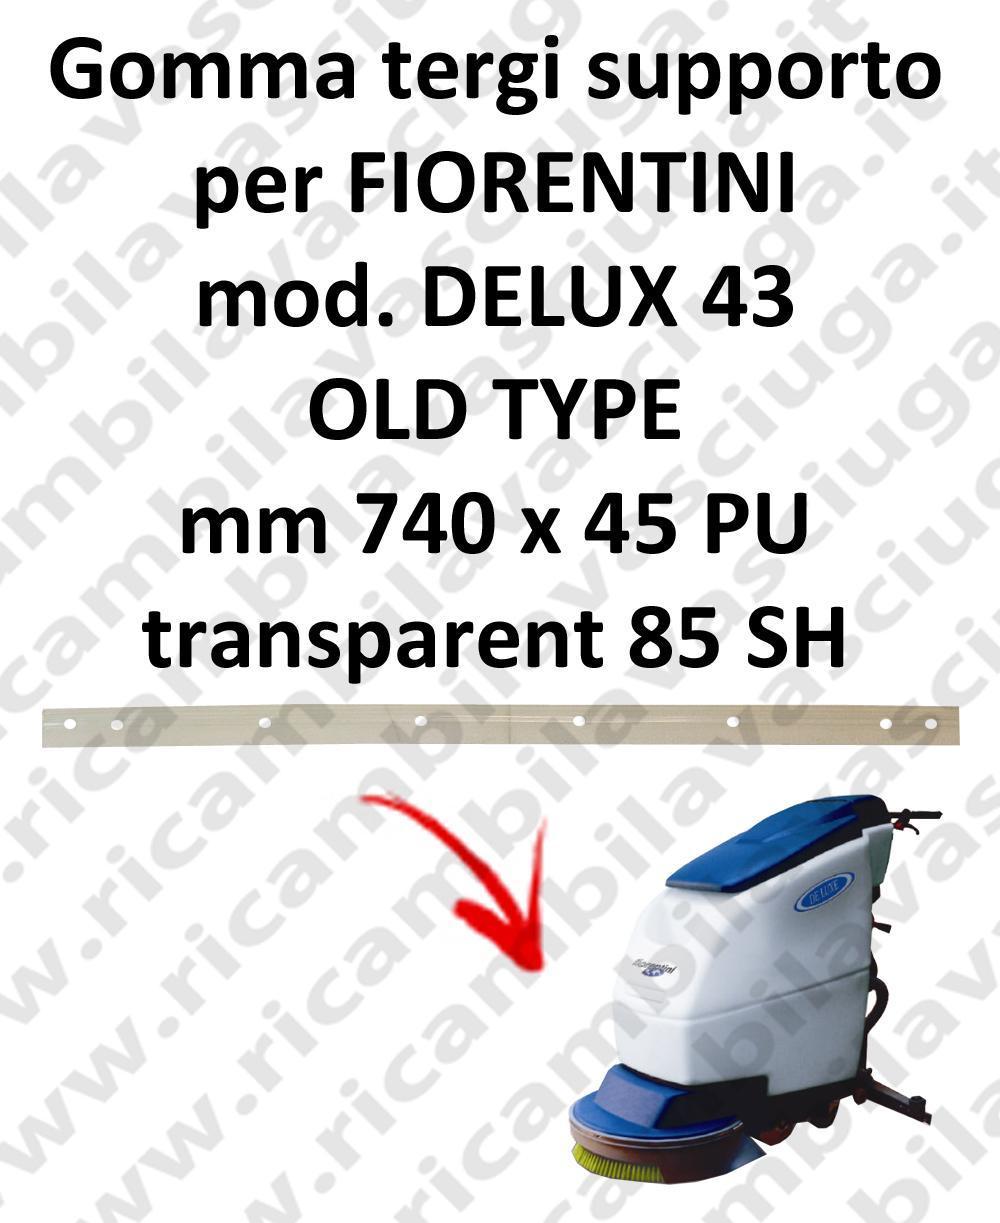 DELUX 43 old type BAVETTE soutien pour autolaveuses FIORENTINI